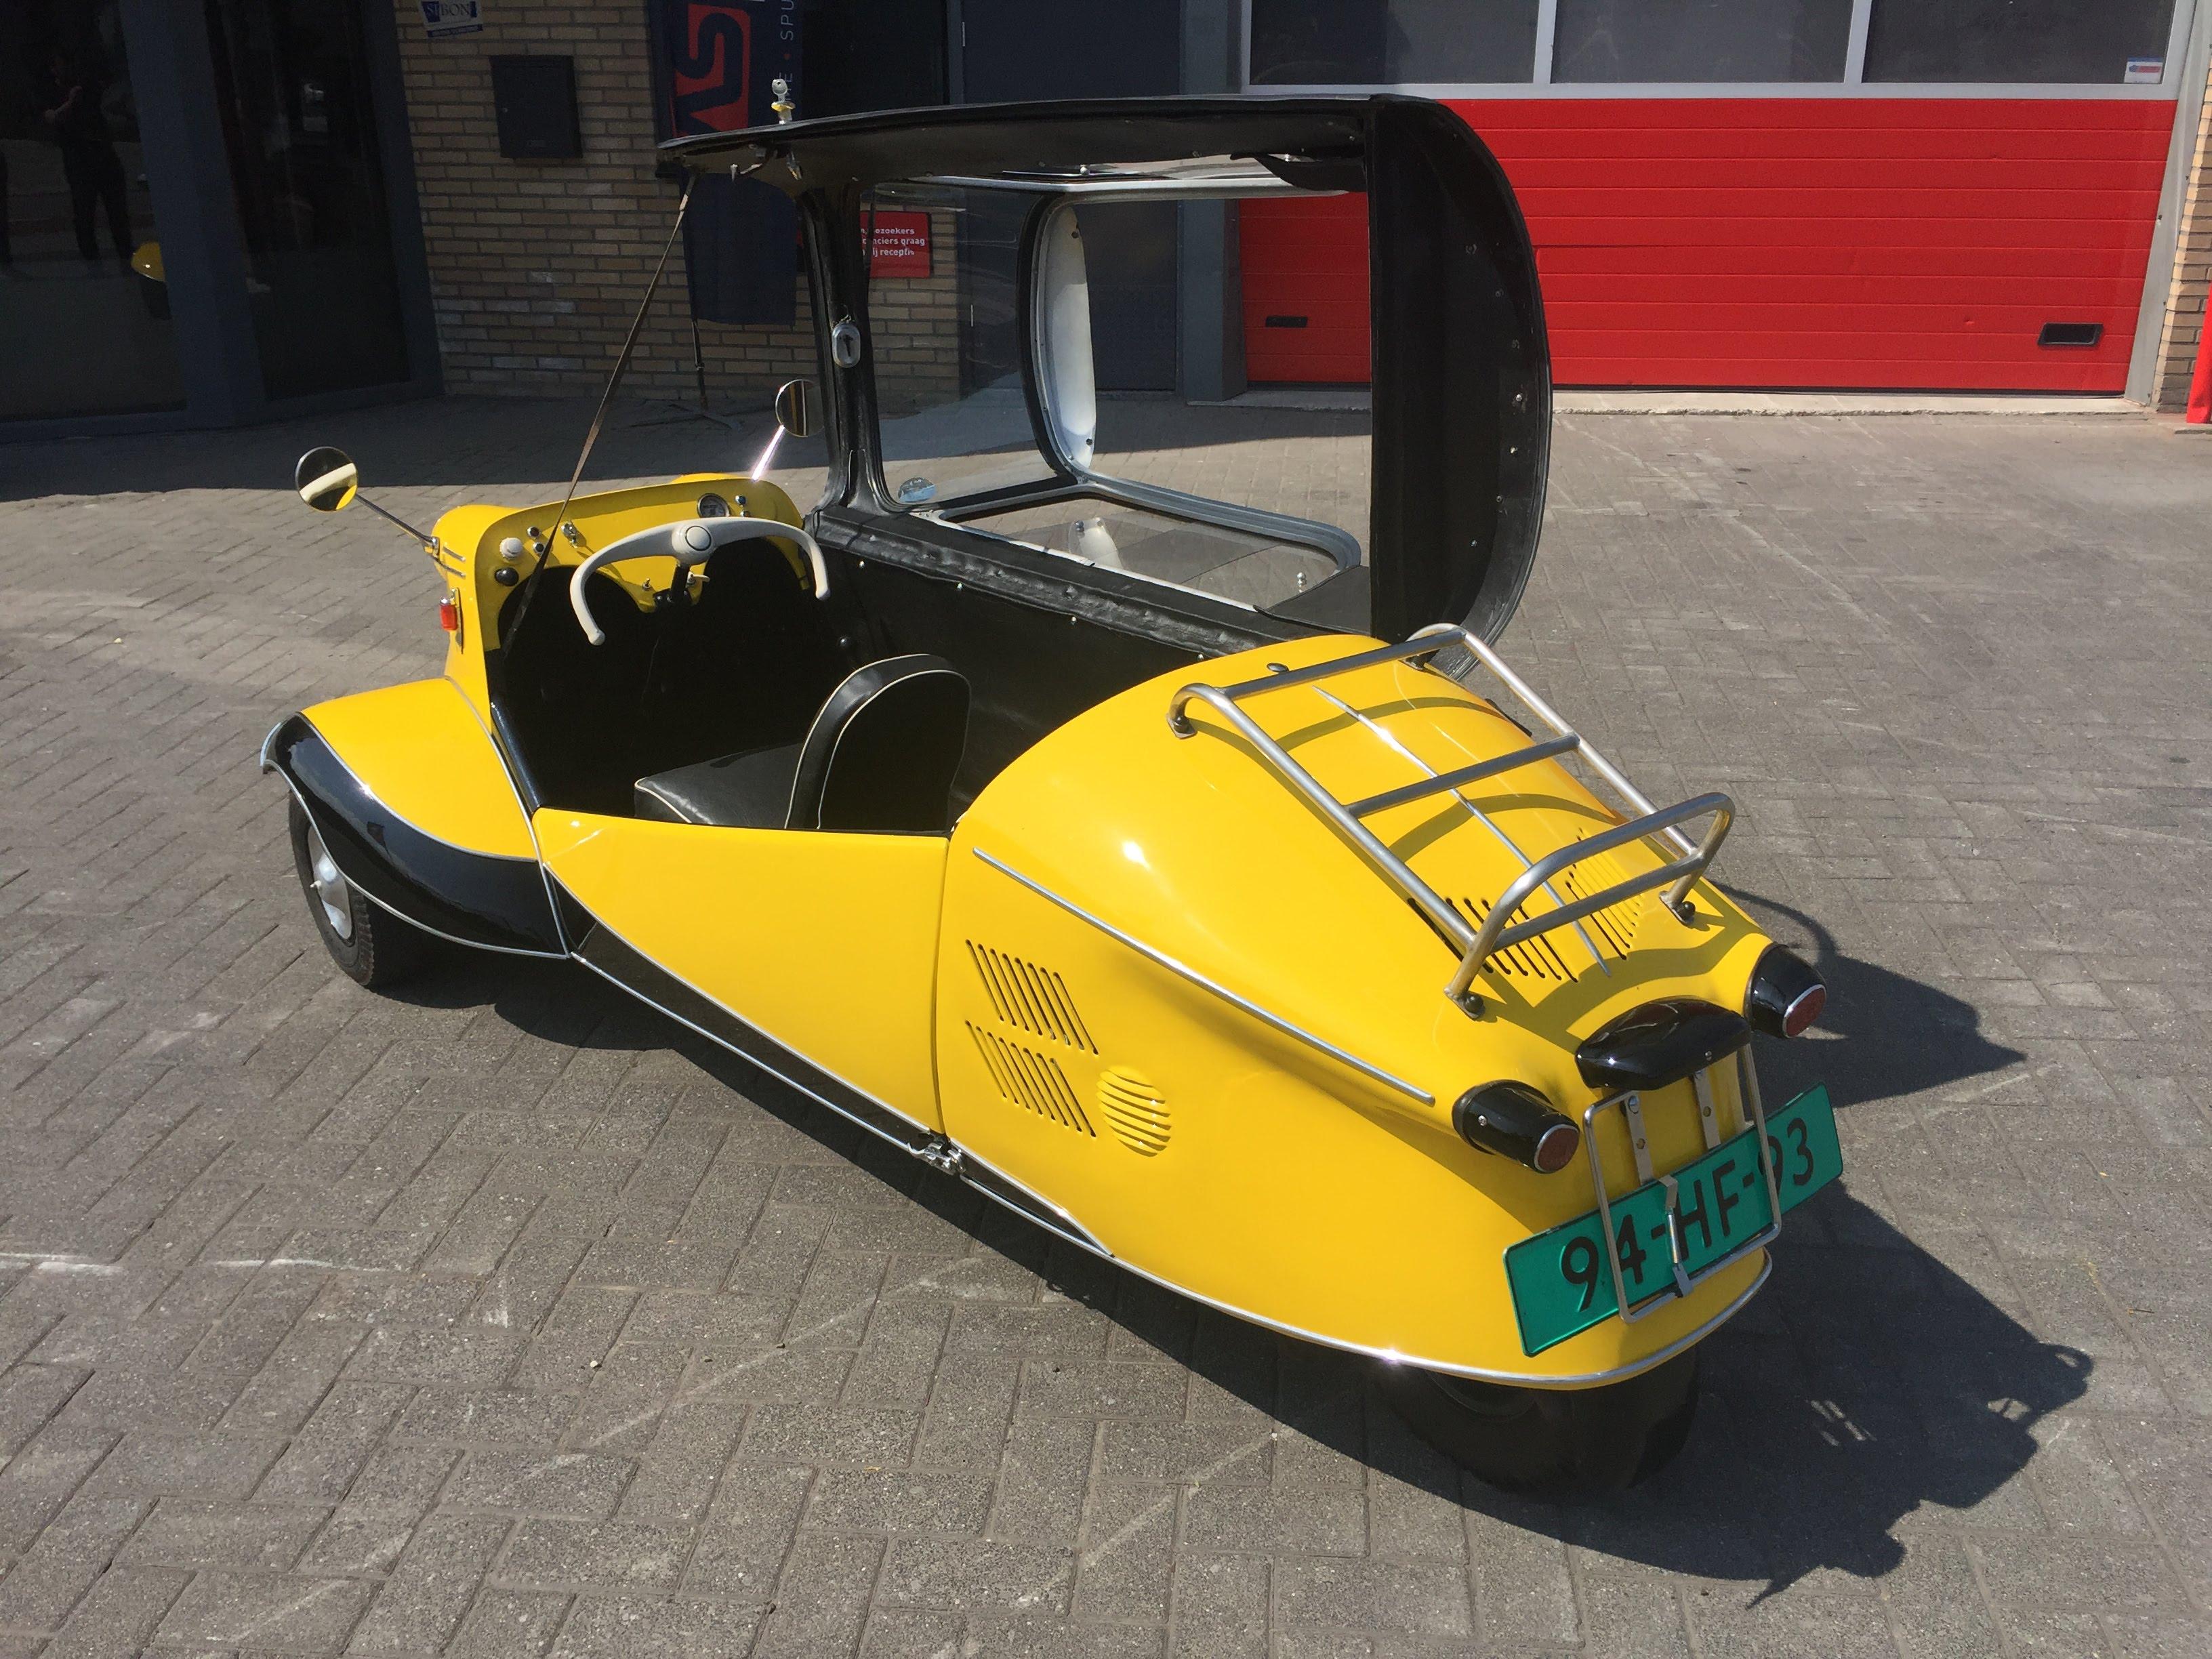 Spuiten, natlak, plamuren, Messerschmitt, auto, Vriezenveen, Twente